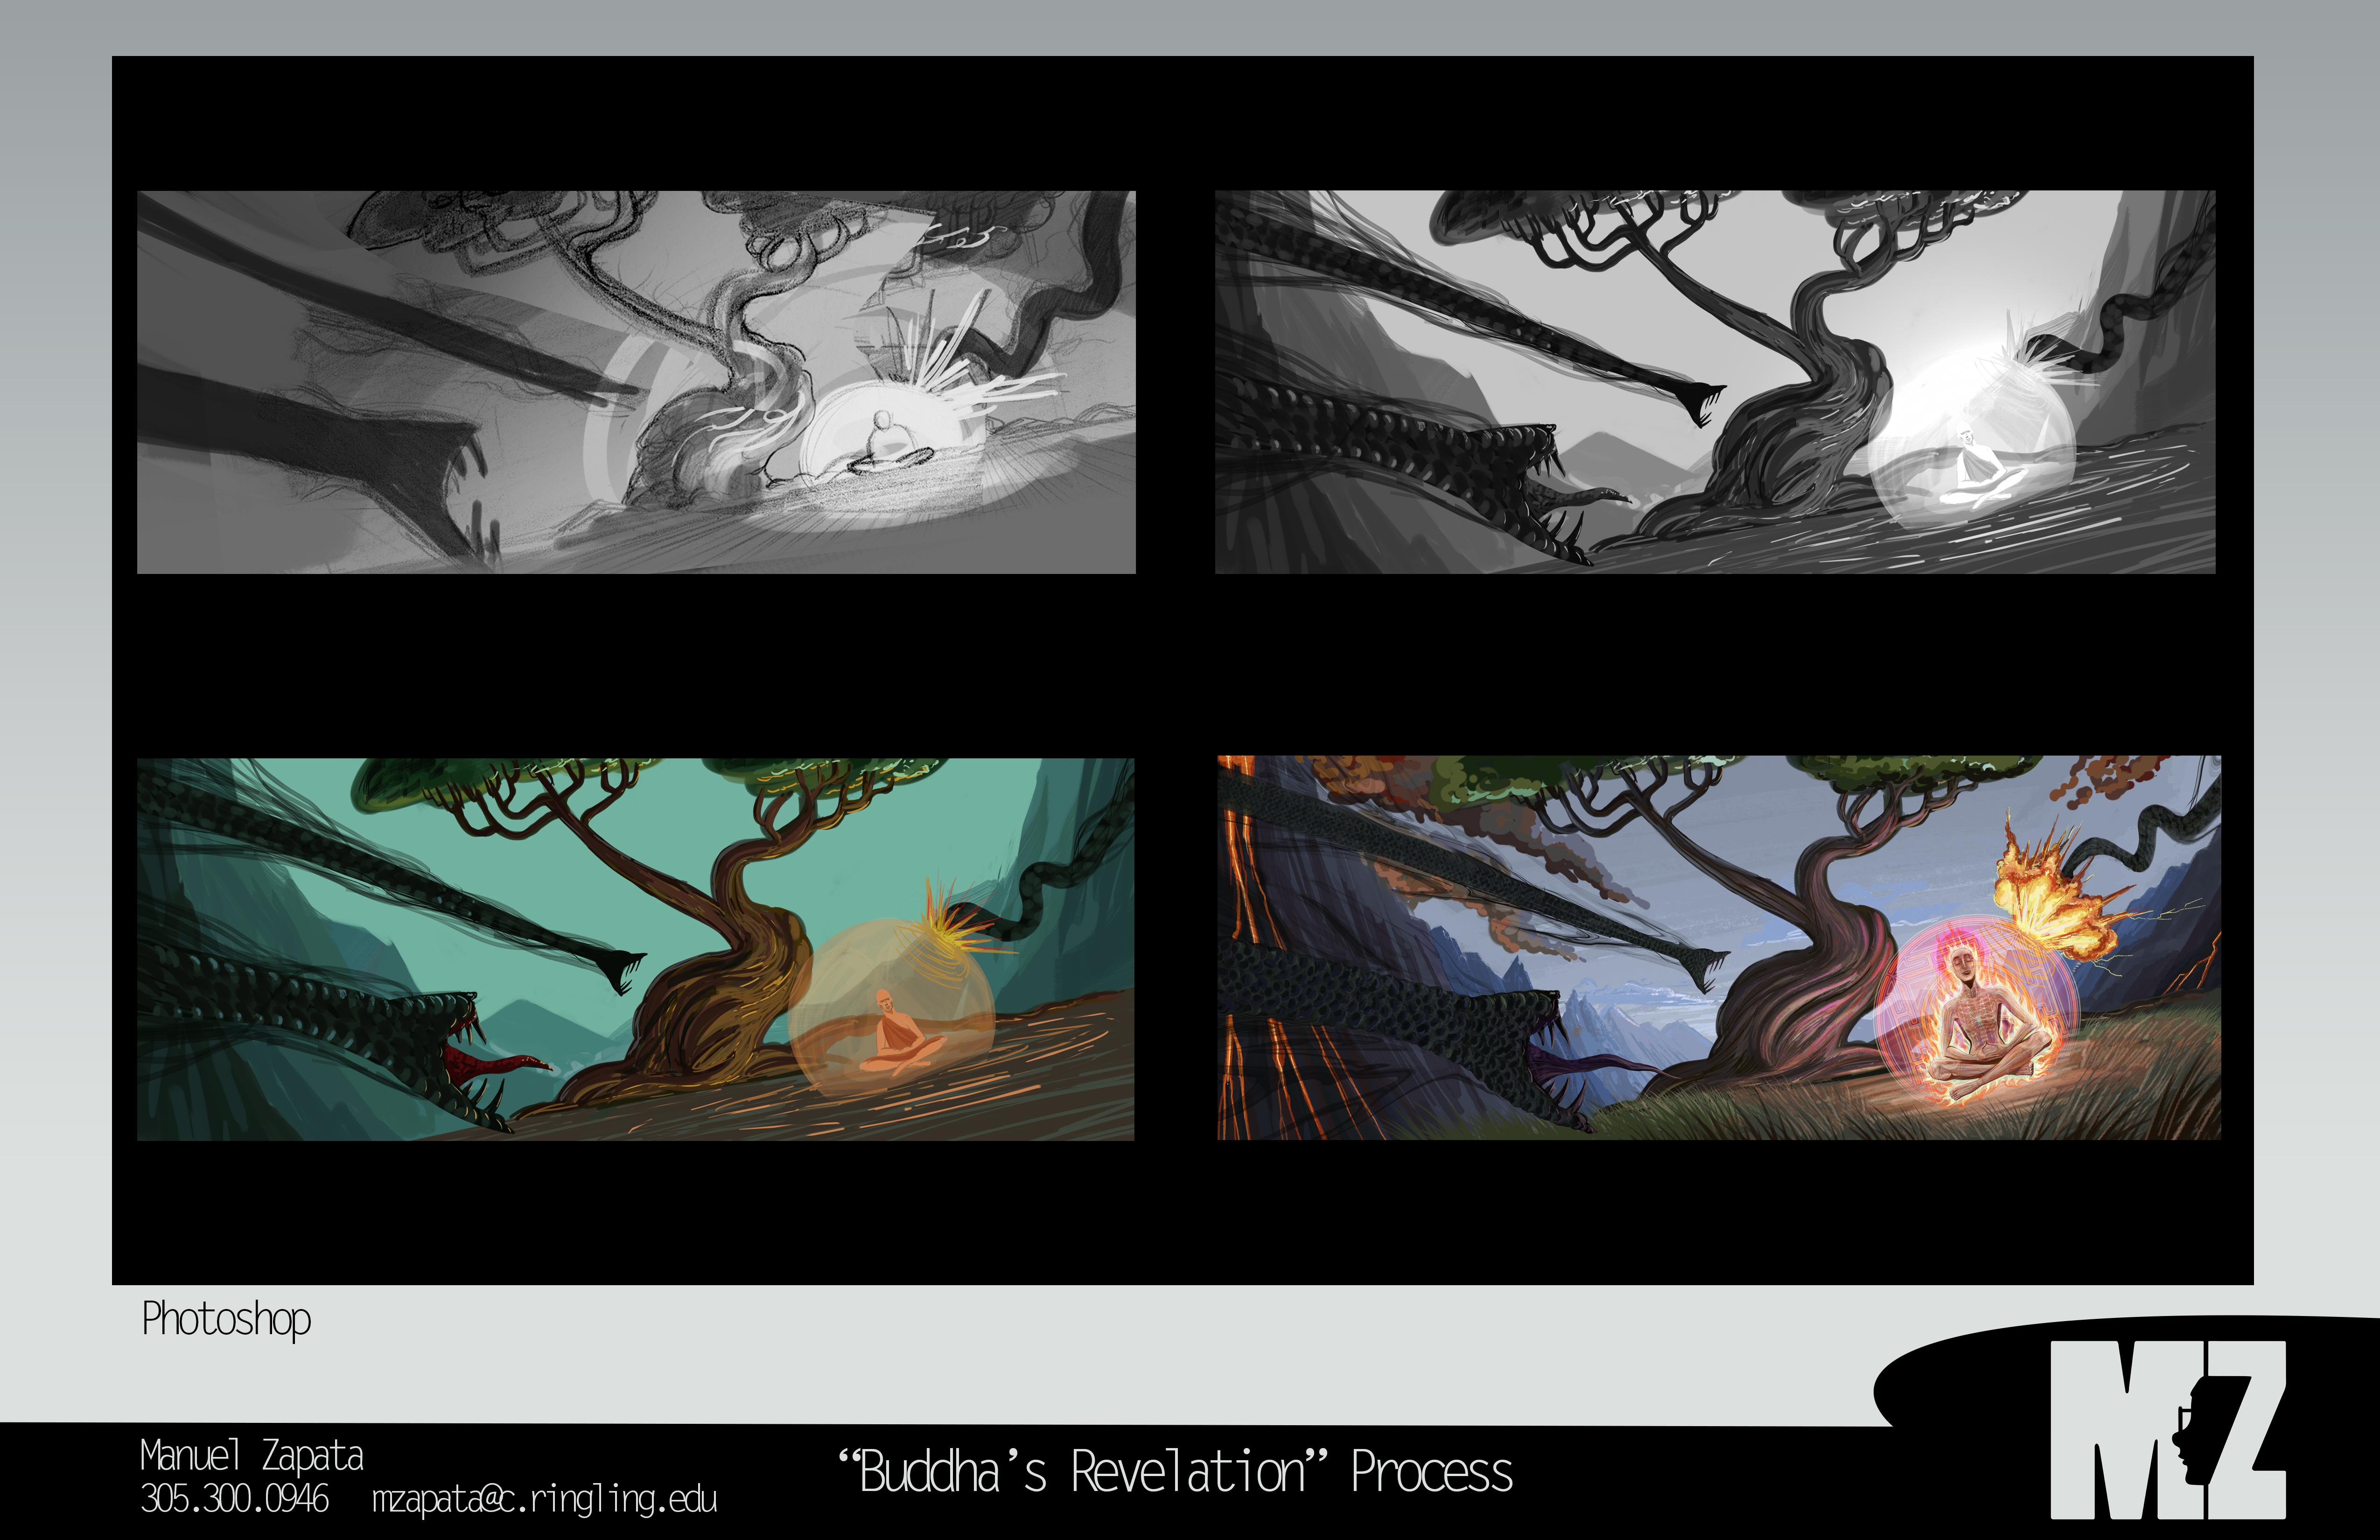 Buddhas Revelation Thumbnails